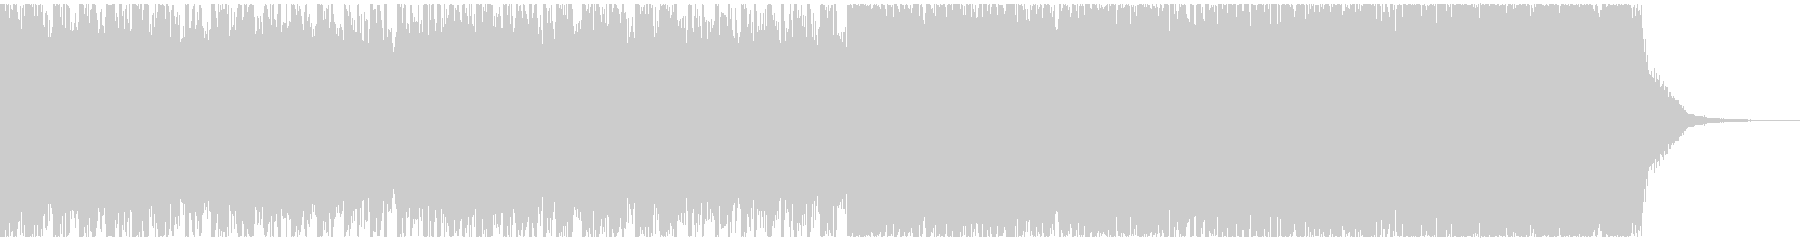 ピアノと電子音の疾走感あるジングルの未再生の波形